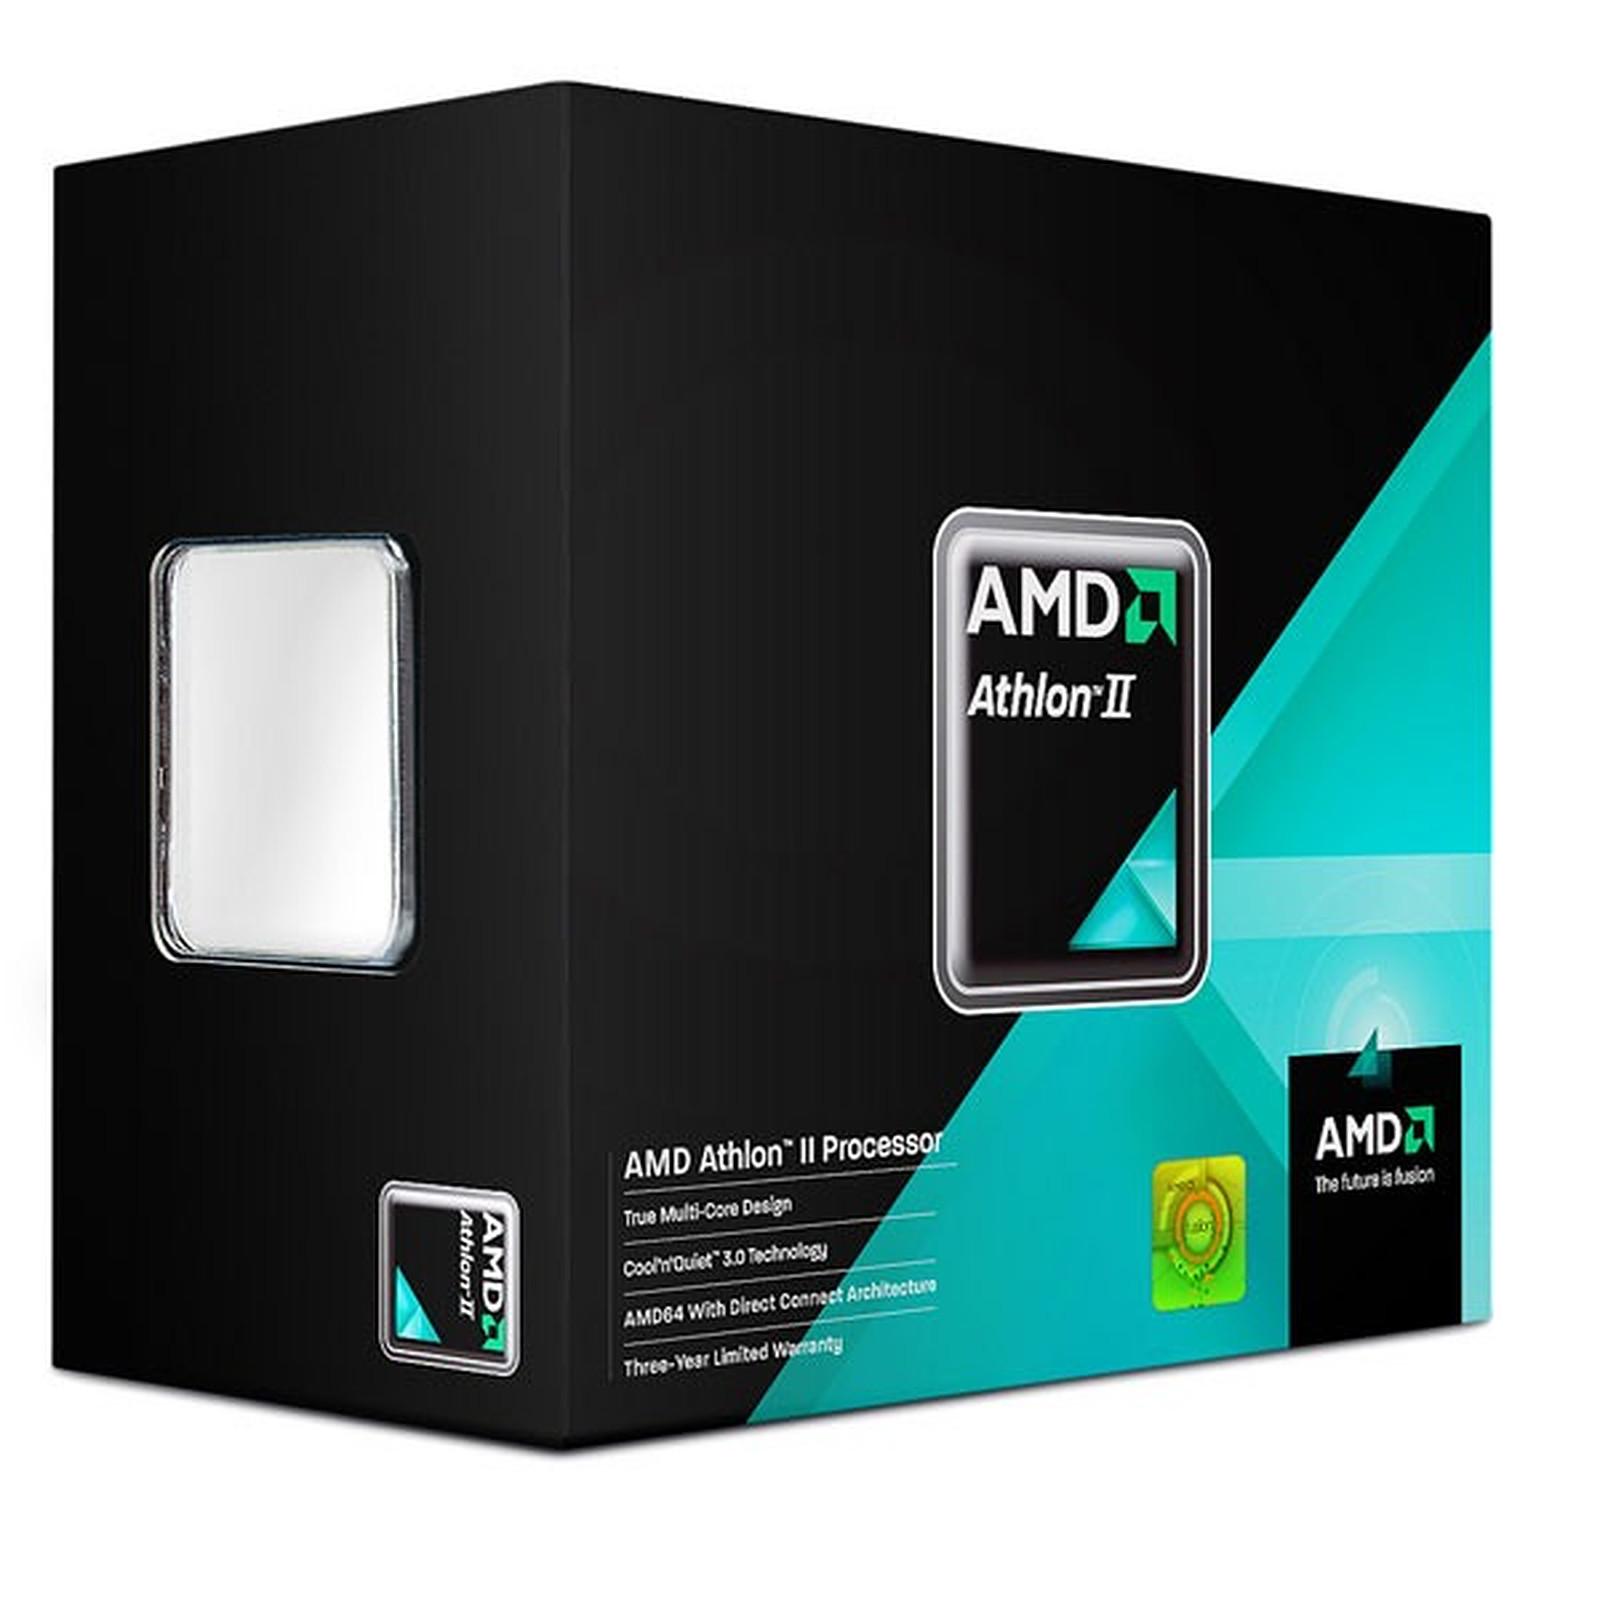 AMD Athlon II X4 645 (3.1 GHz)